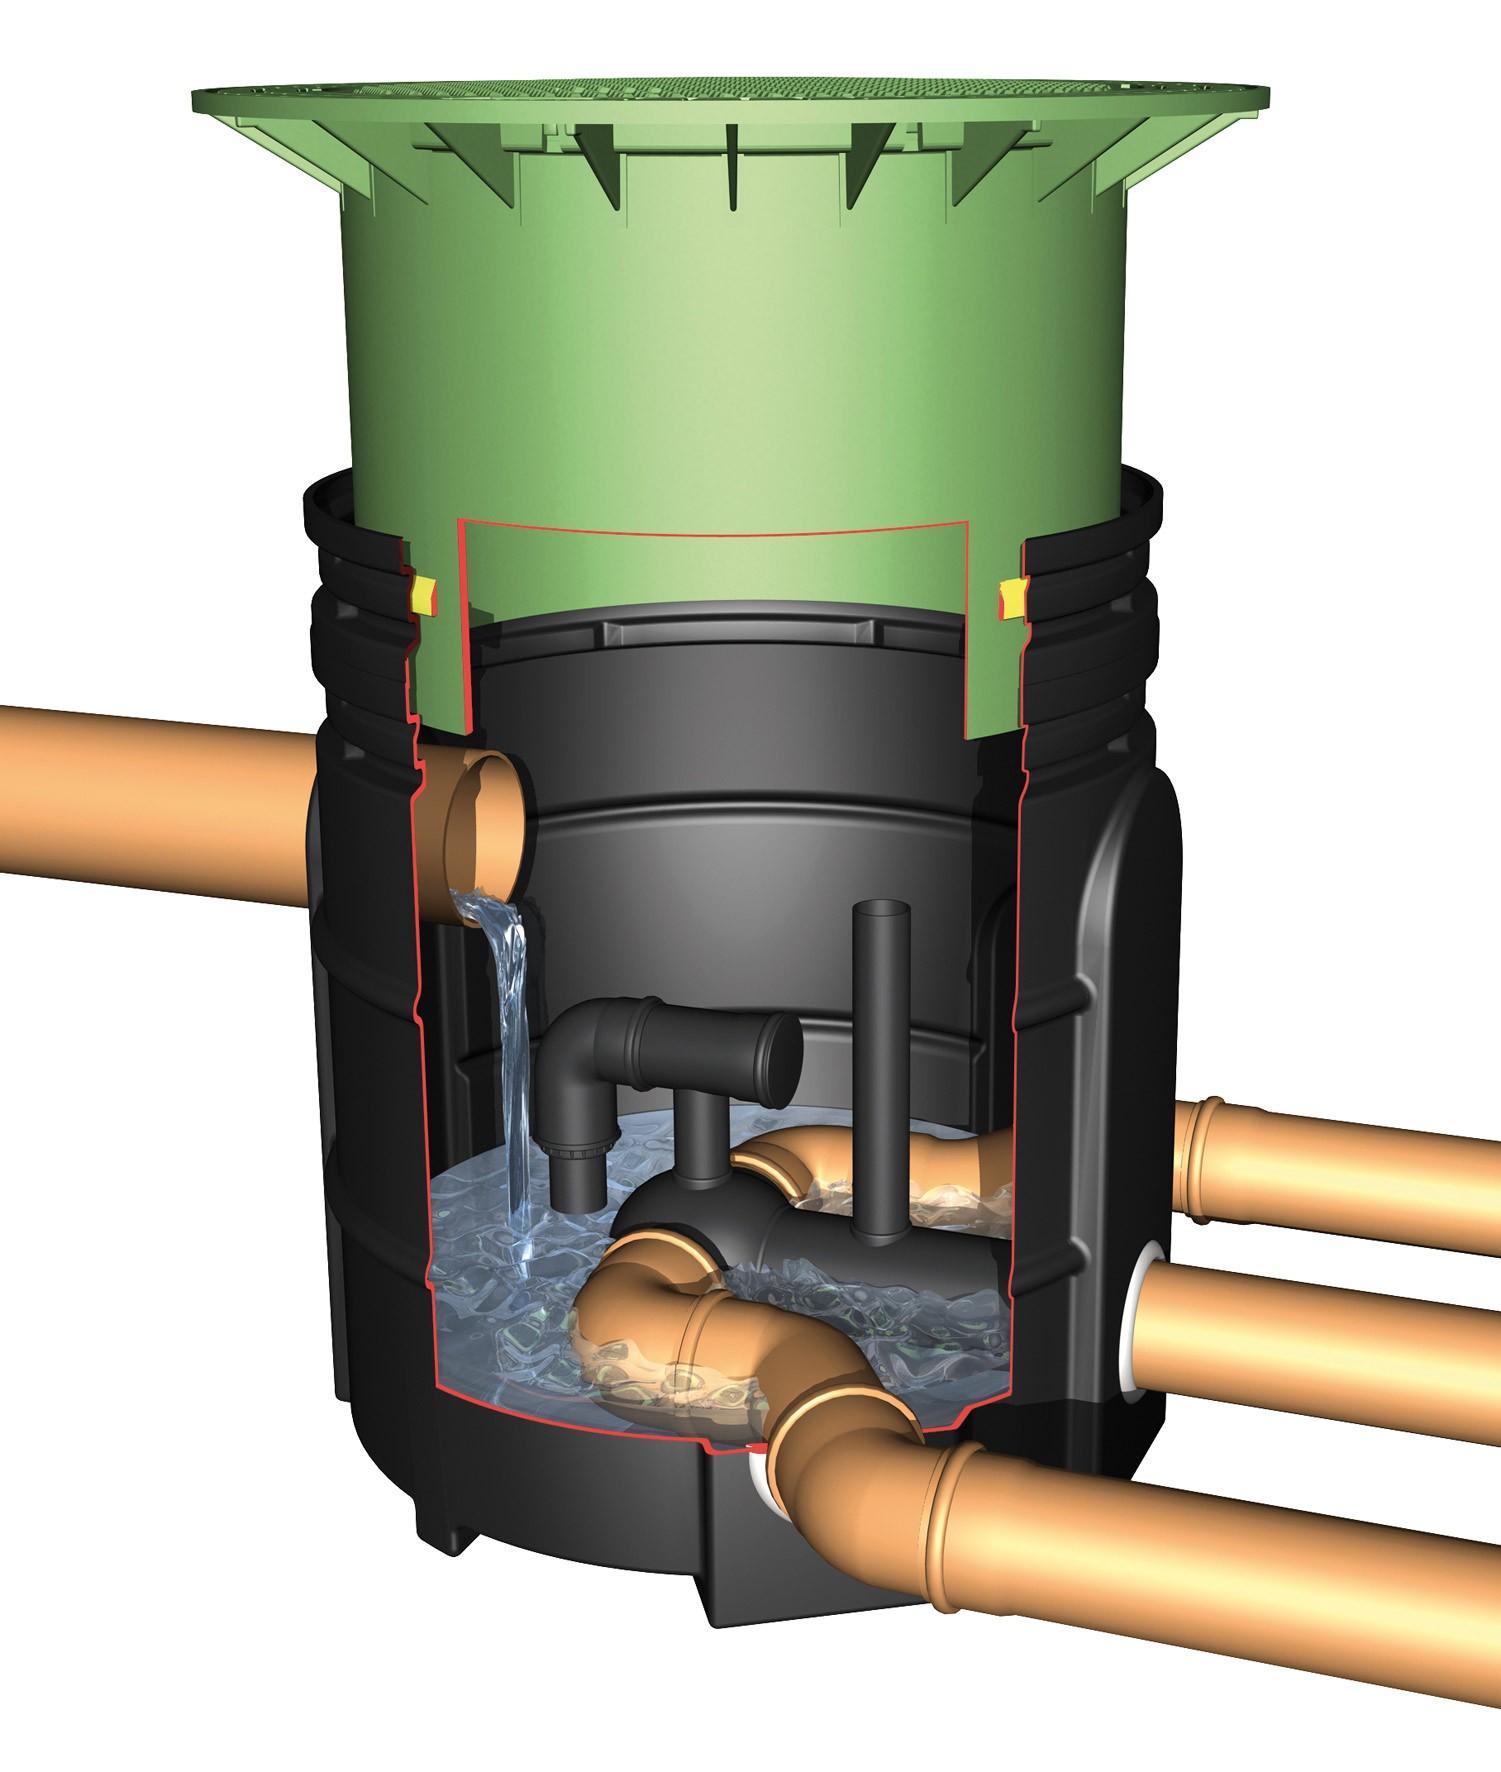 Teleskop-Domschacht Mini mit PE-Deckel begehbar Graf 371010